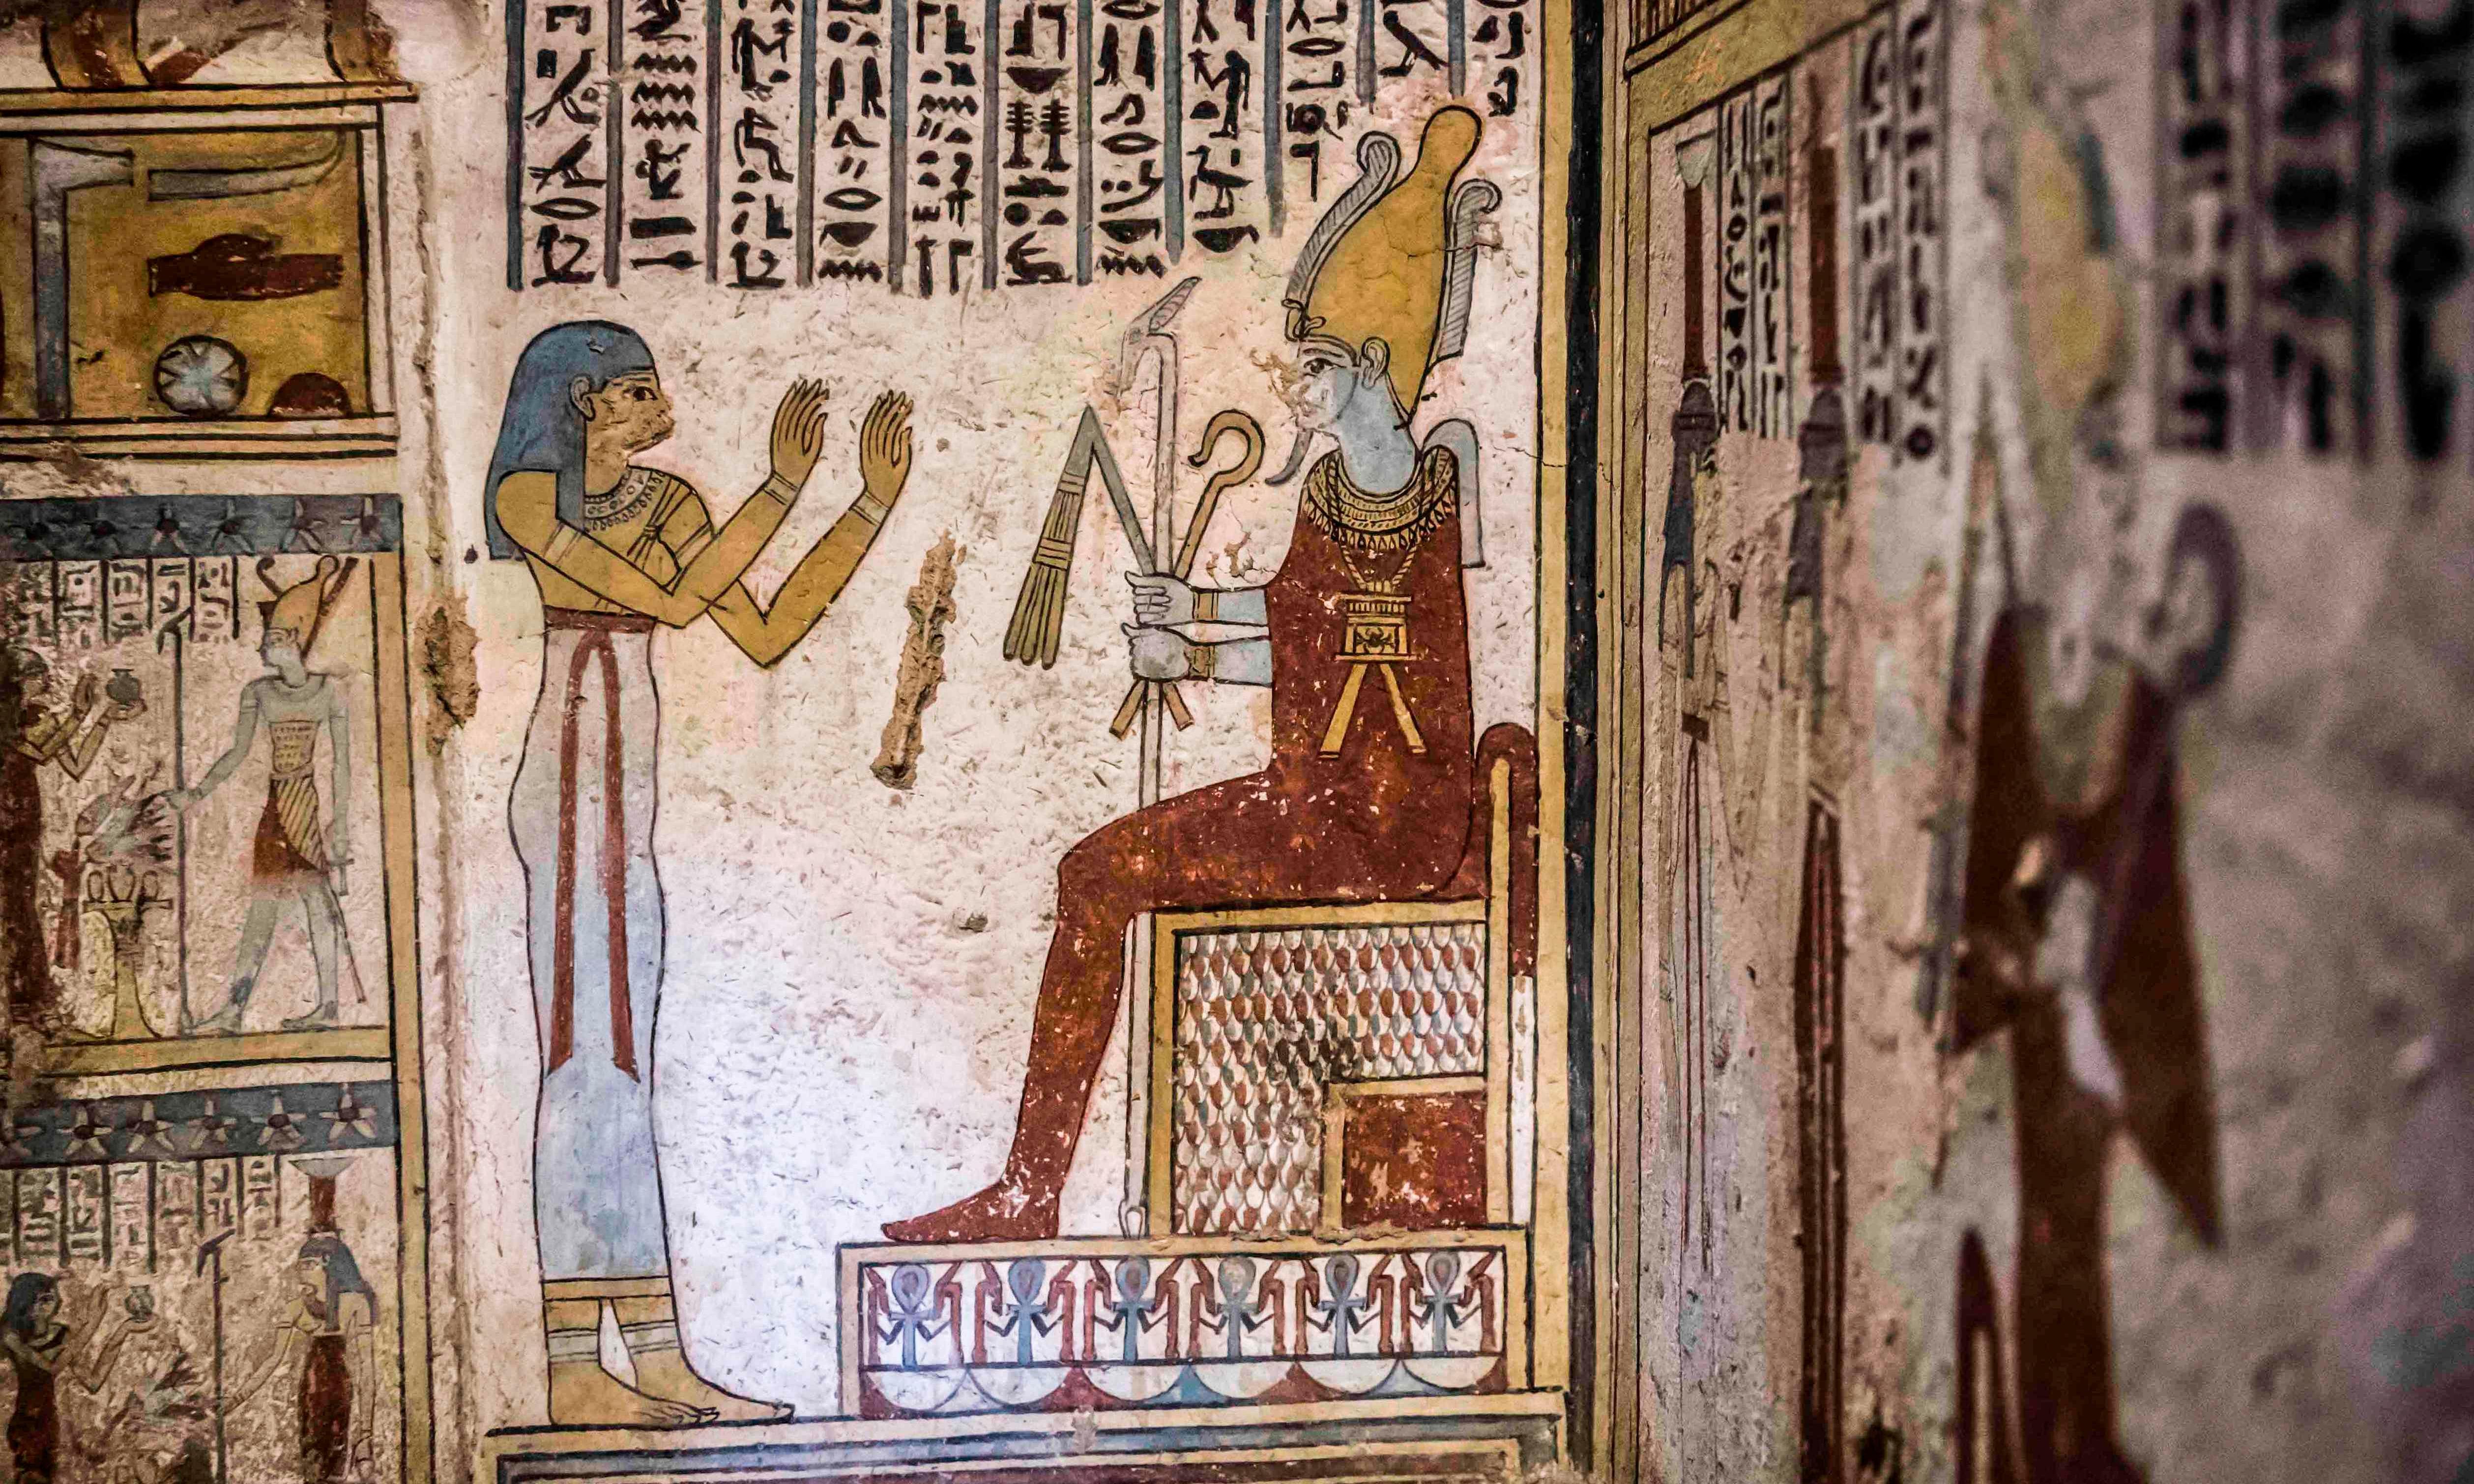 Mummified mice found in 'beautiful, colourful' Egyptian tomb